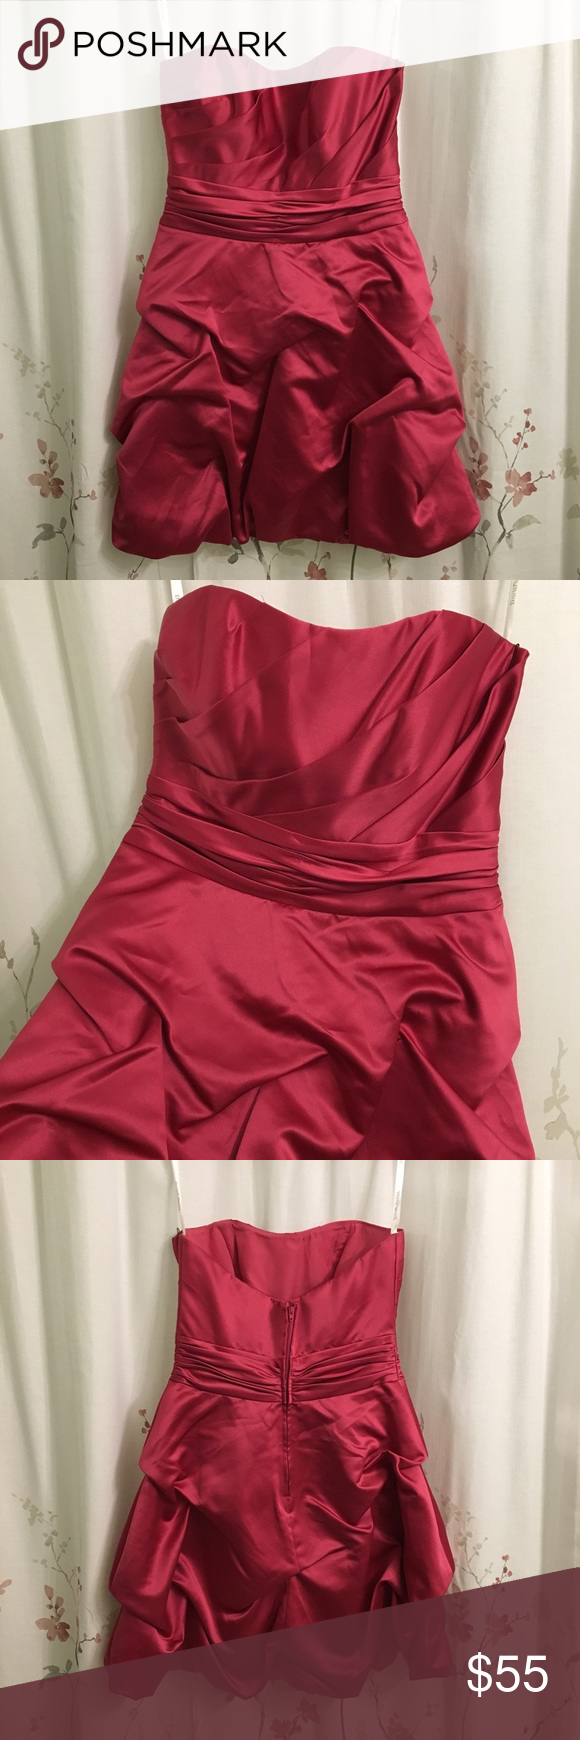 Davidus bridal pink bridesmaidcocktailprom dress my posh picks